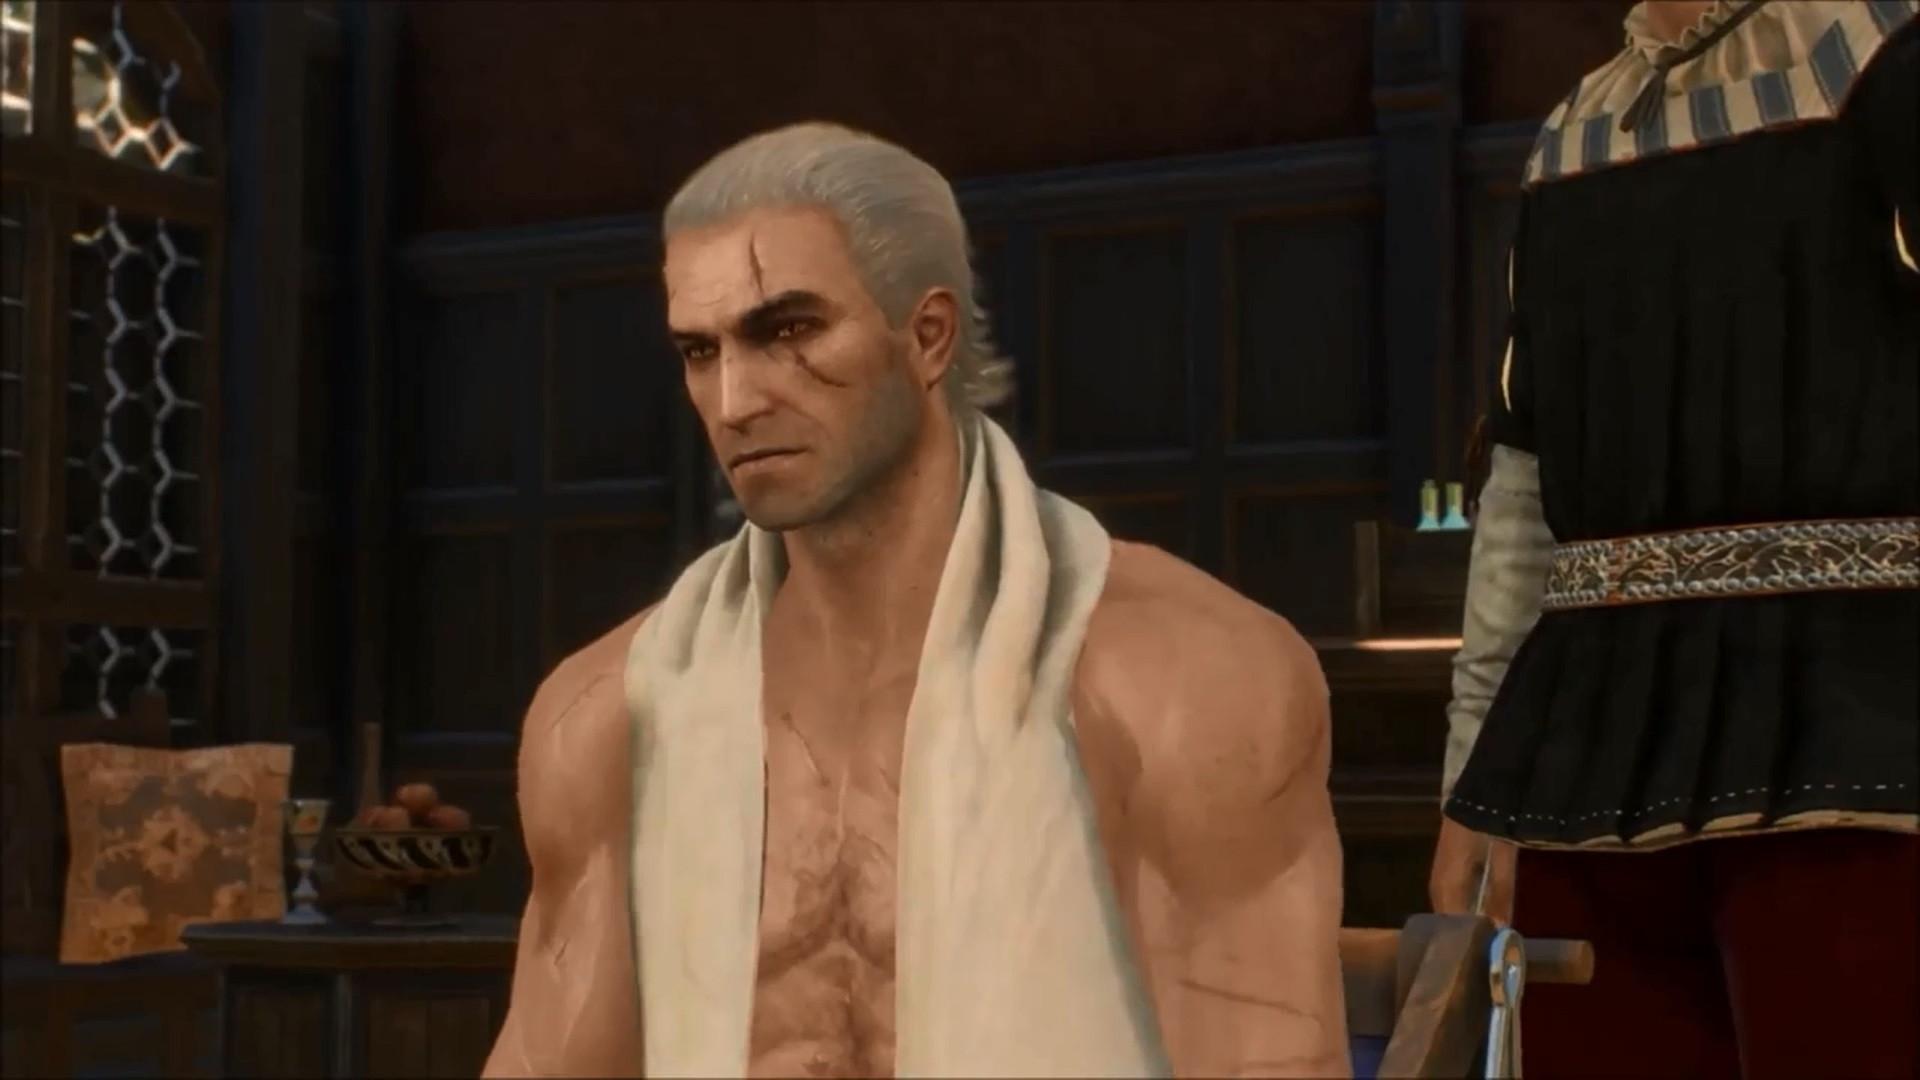 The Witcher 3 Frisuren  The Witcher 3 Frisuren und Bärte – Makeover für Geralt